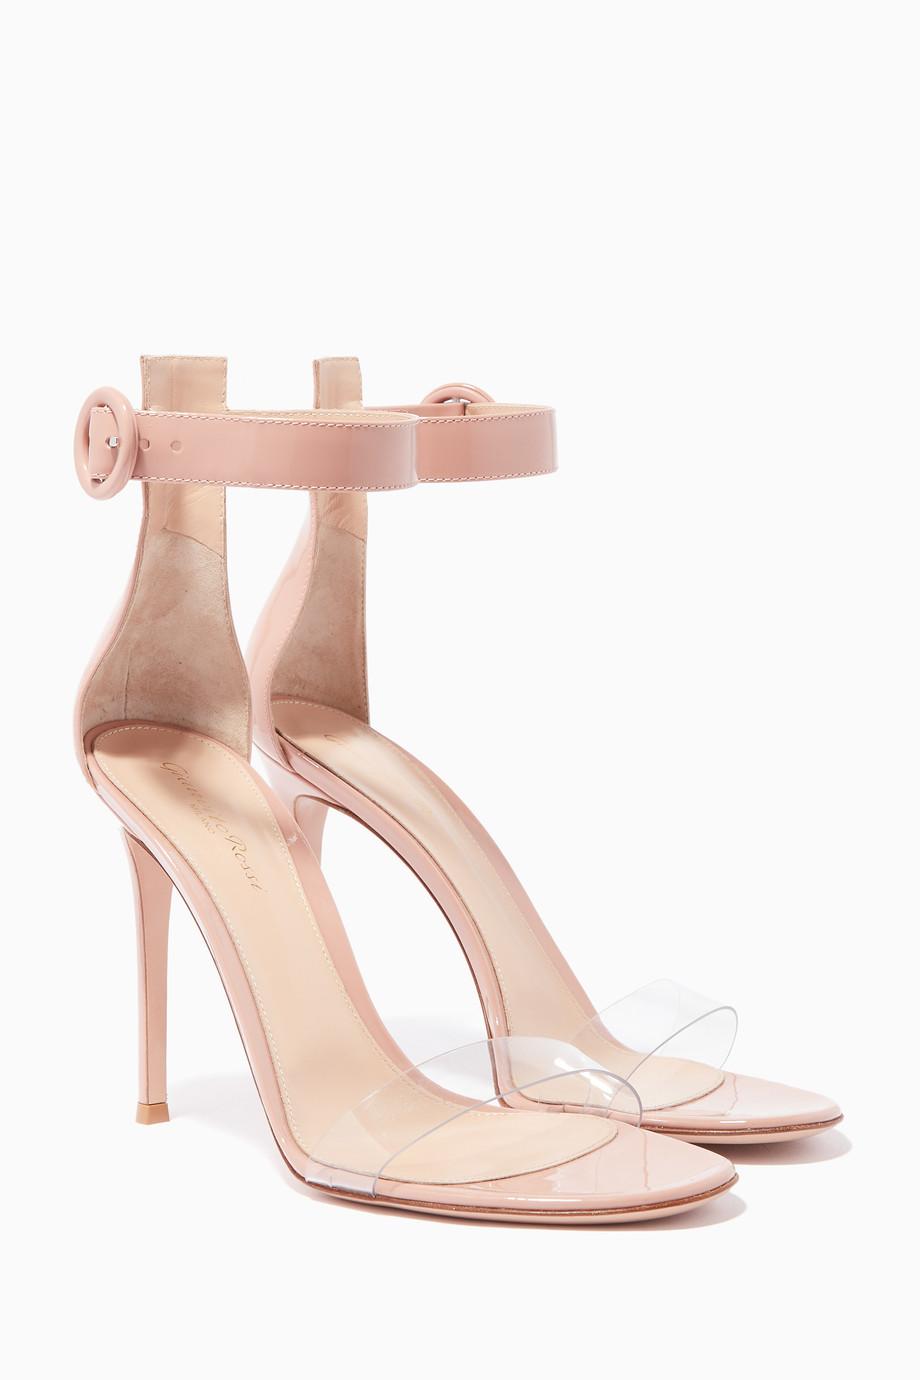 1cc5abf47da Shop Gianvito Rossi Pink Dahlia-Pink Leather   PVC Portofino Sandals ...